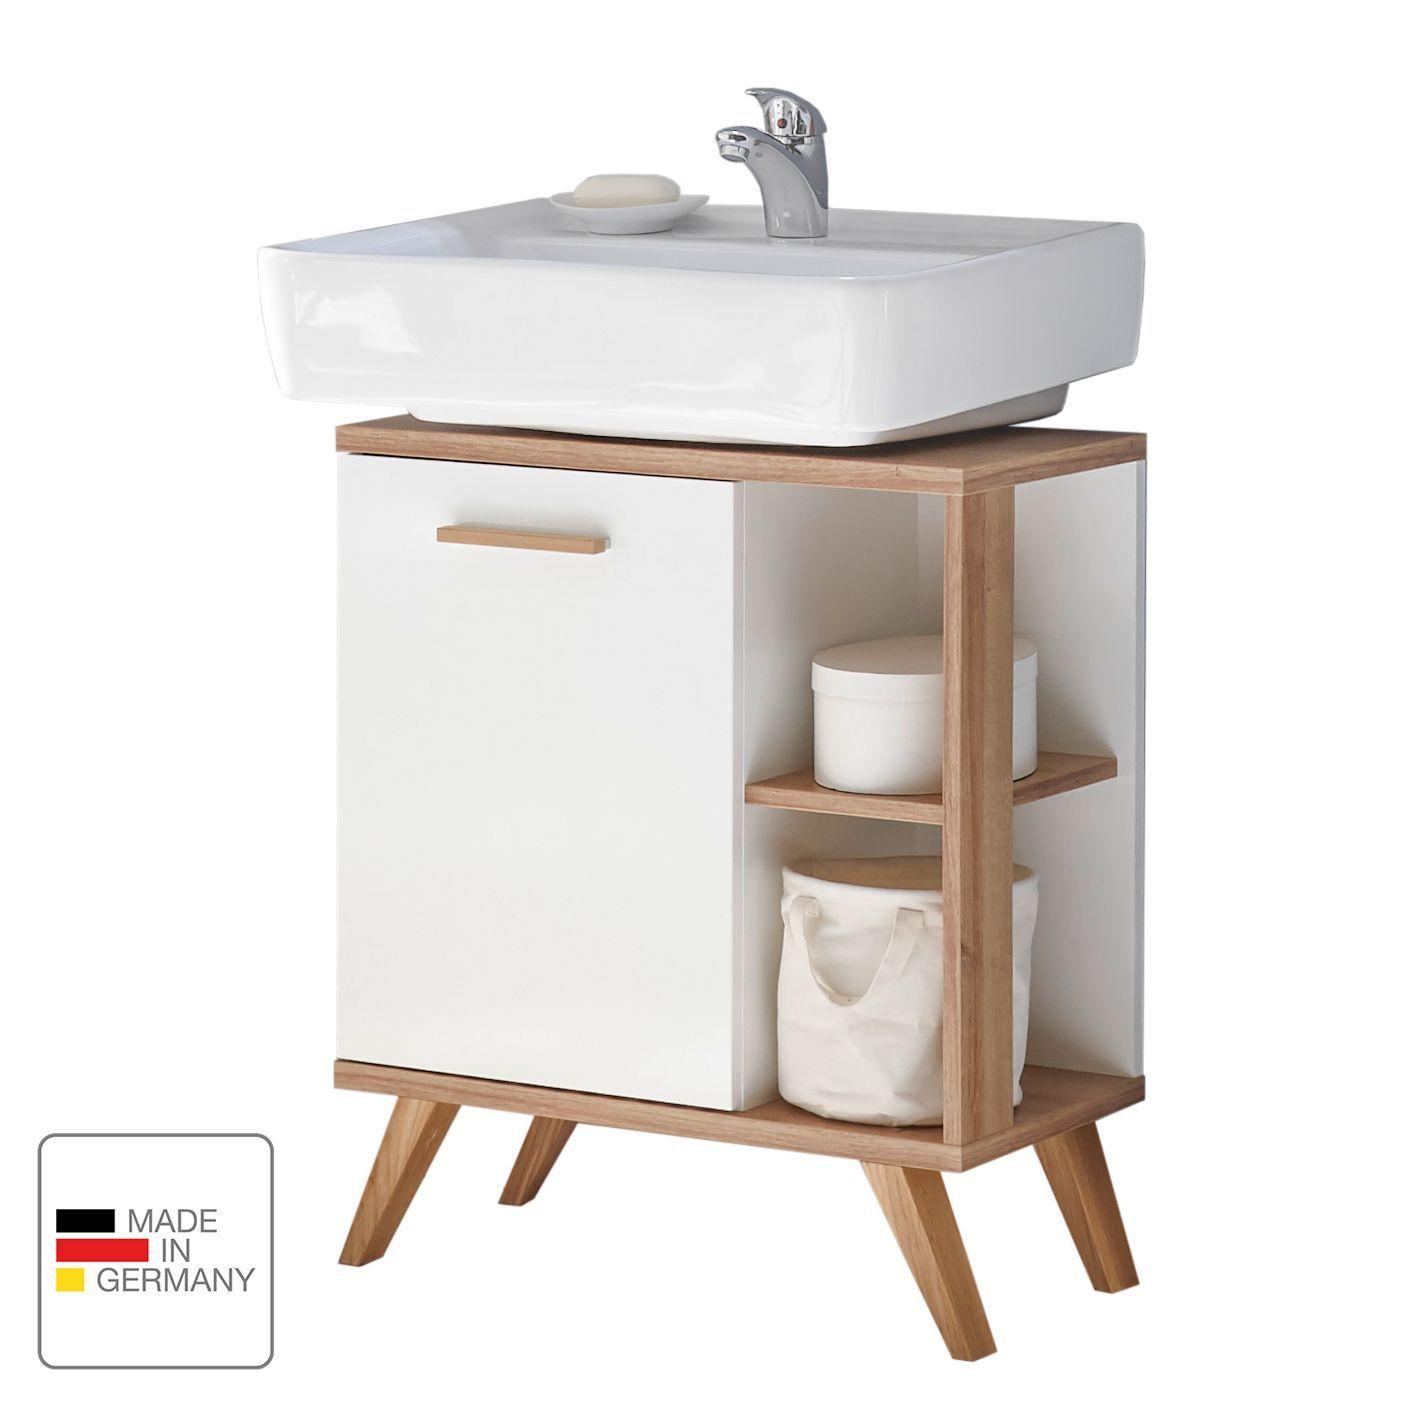 Waschbeckenunterschrank Noventa Waschbeckenunterschrank Schrank Und Moderner Schrank